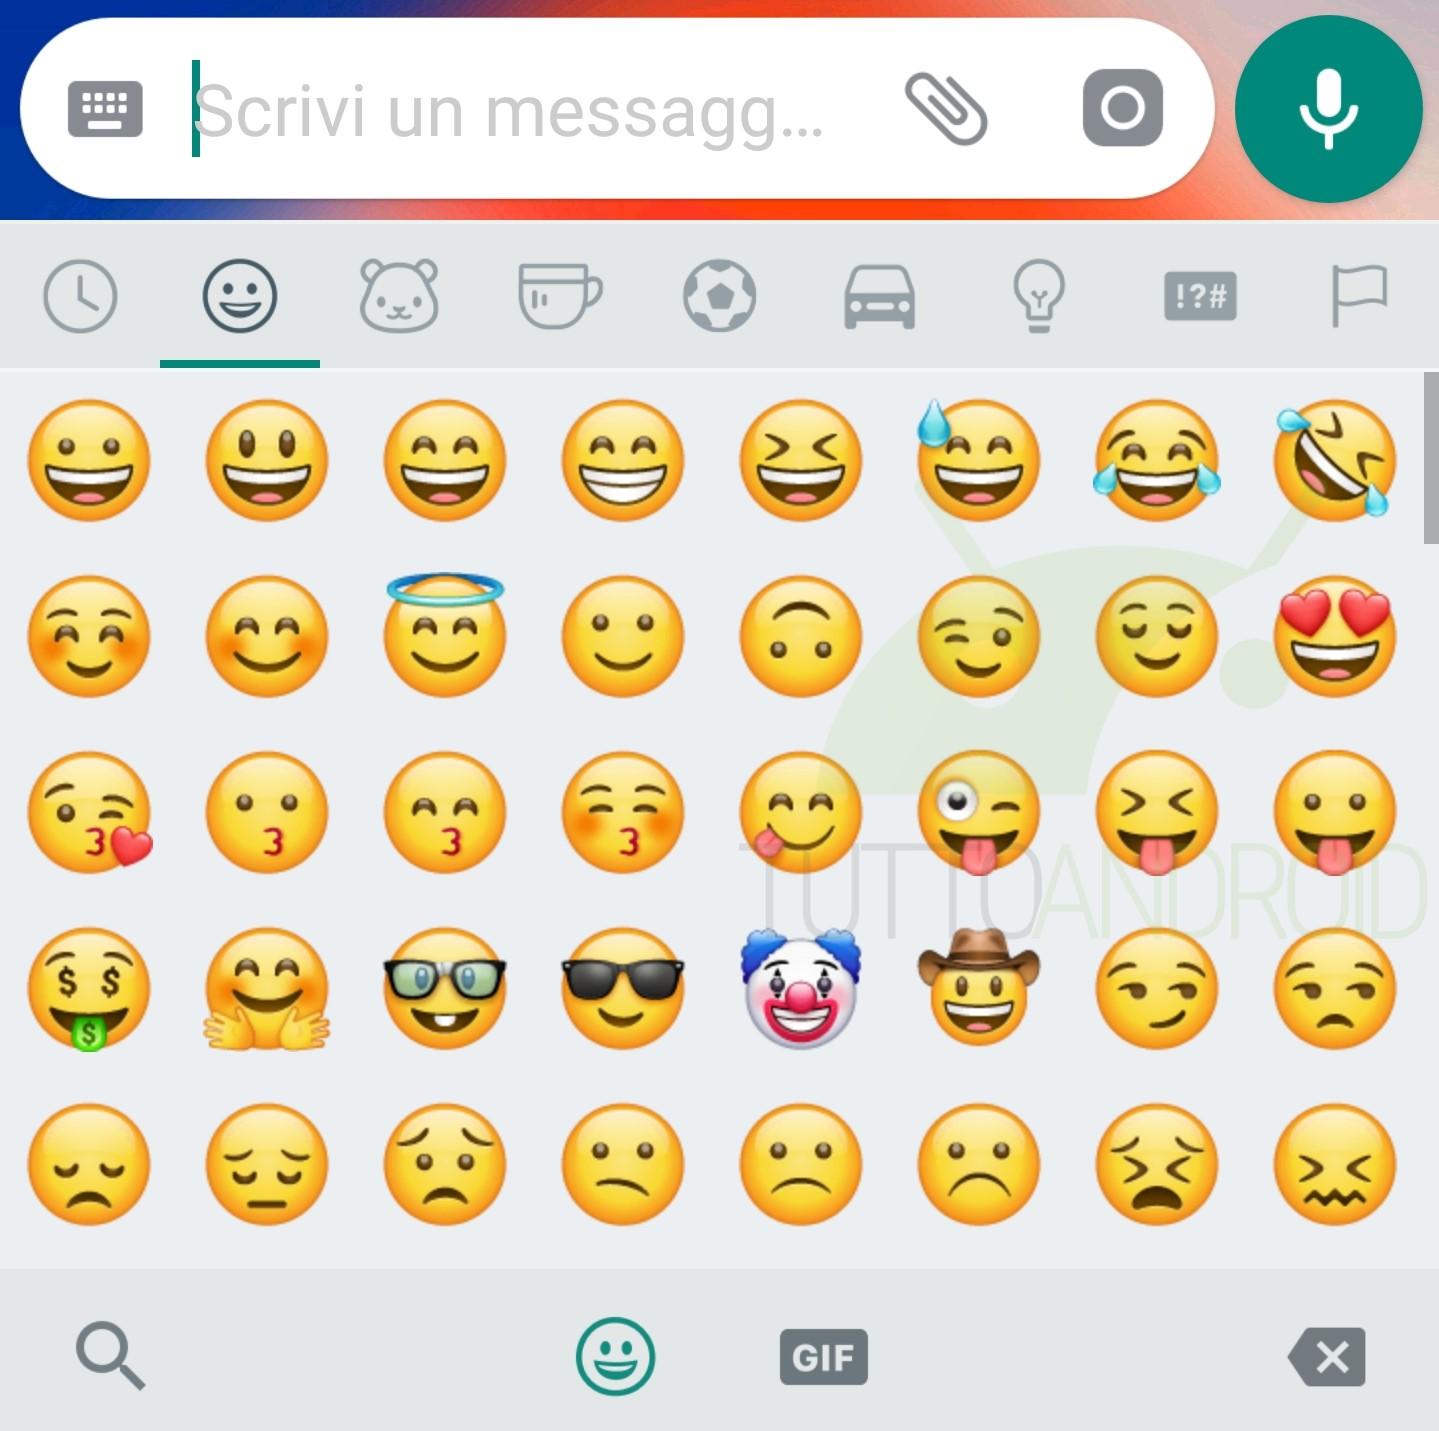 Le Nuove Emoji Di Whatsapp Sono Arrivate Nella Versione